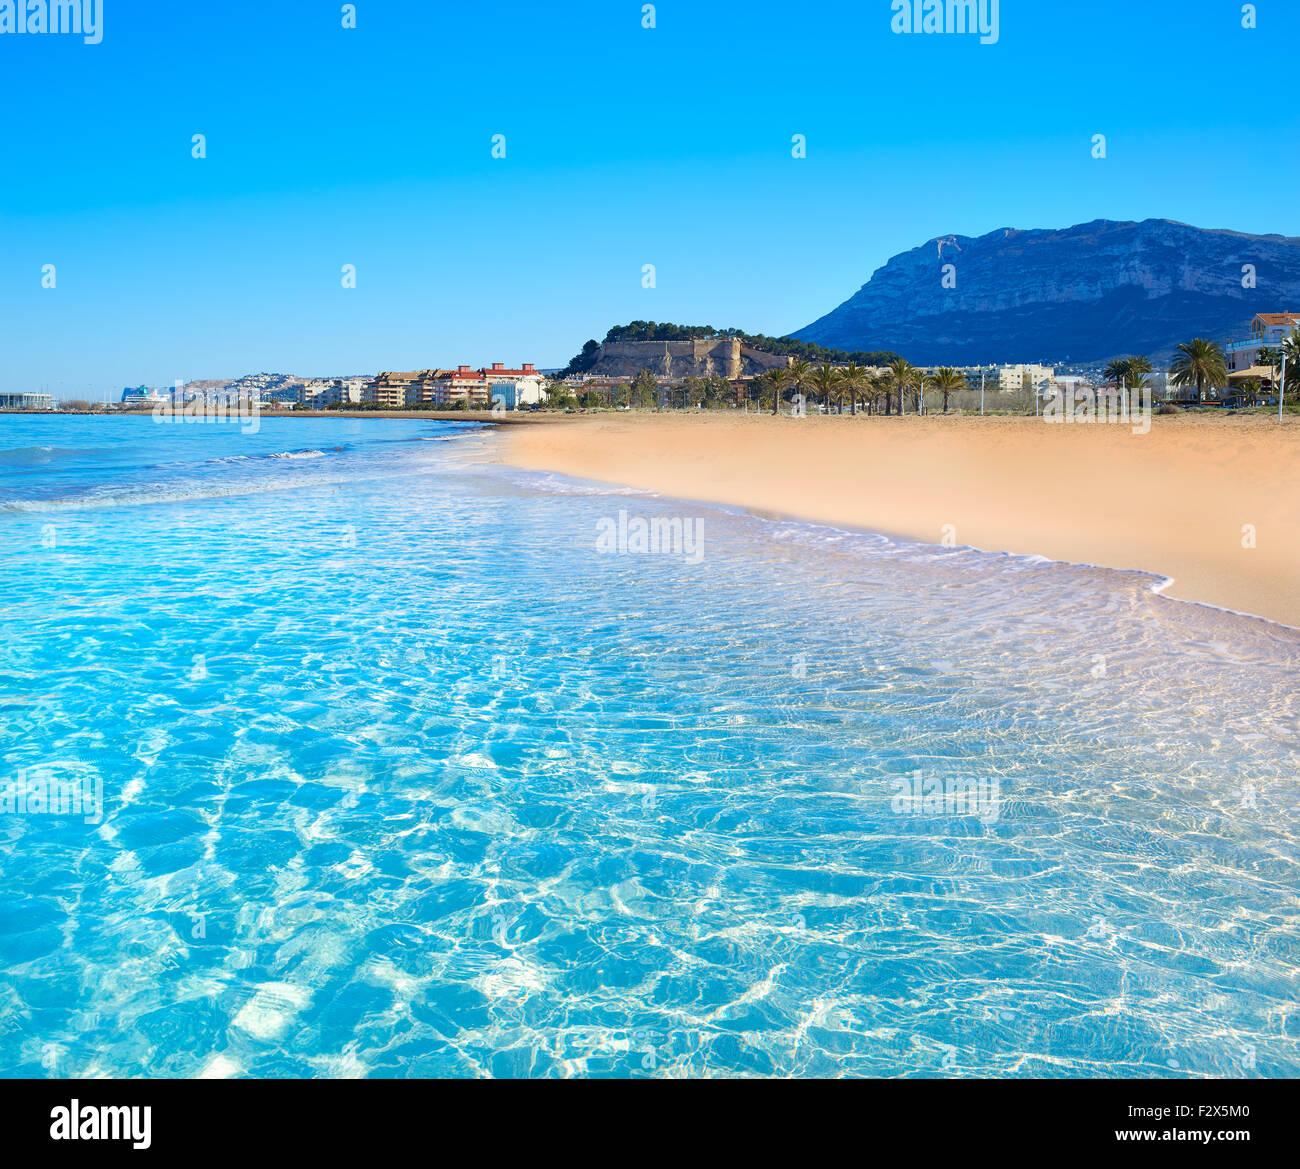 denia beach in alicante in blue mediterranean with montgo alicante